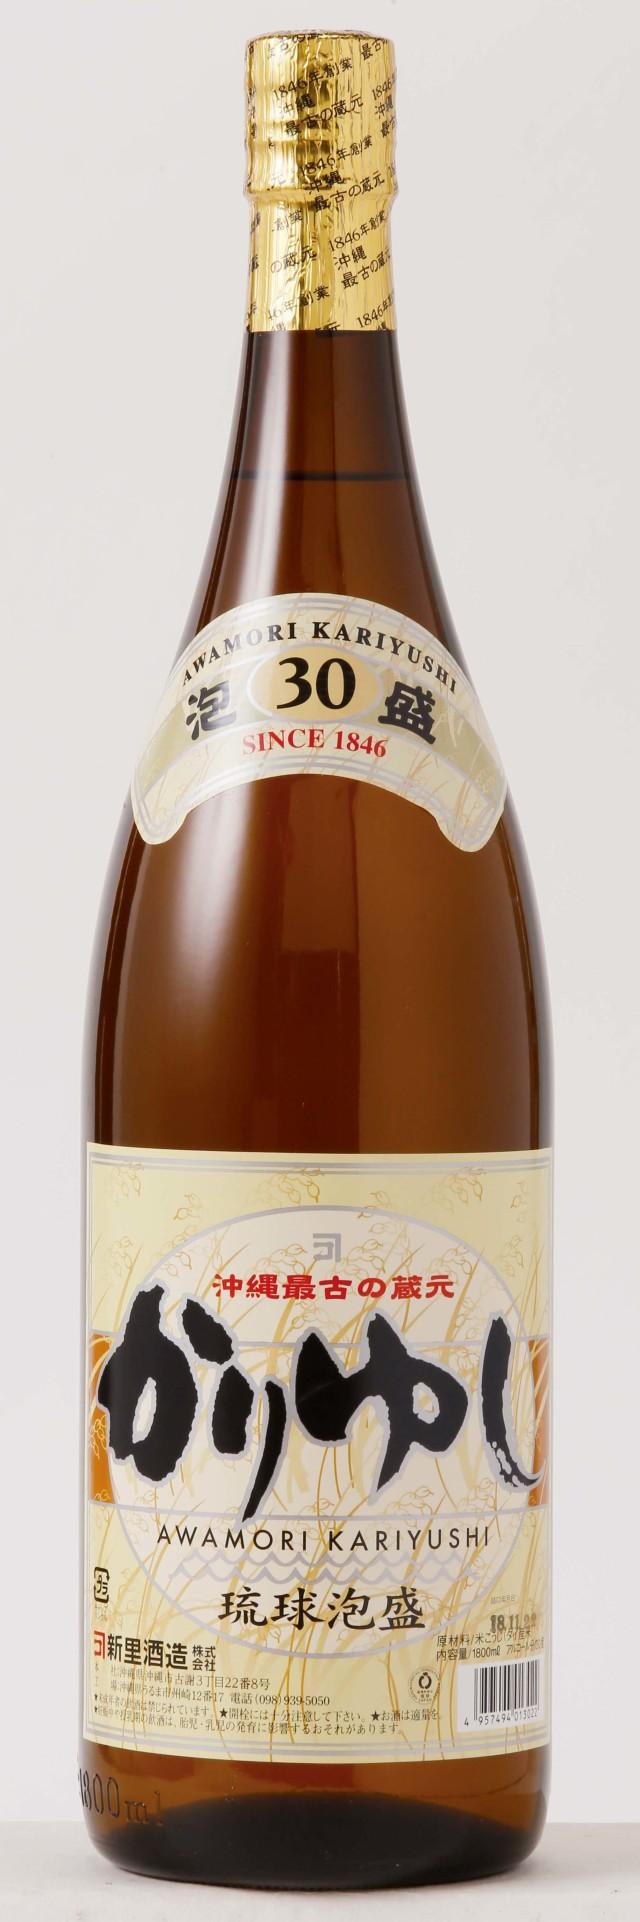 新里酒造 かりゆし 30度 1800ml